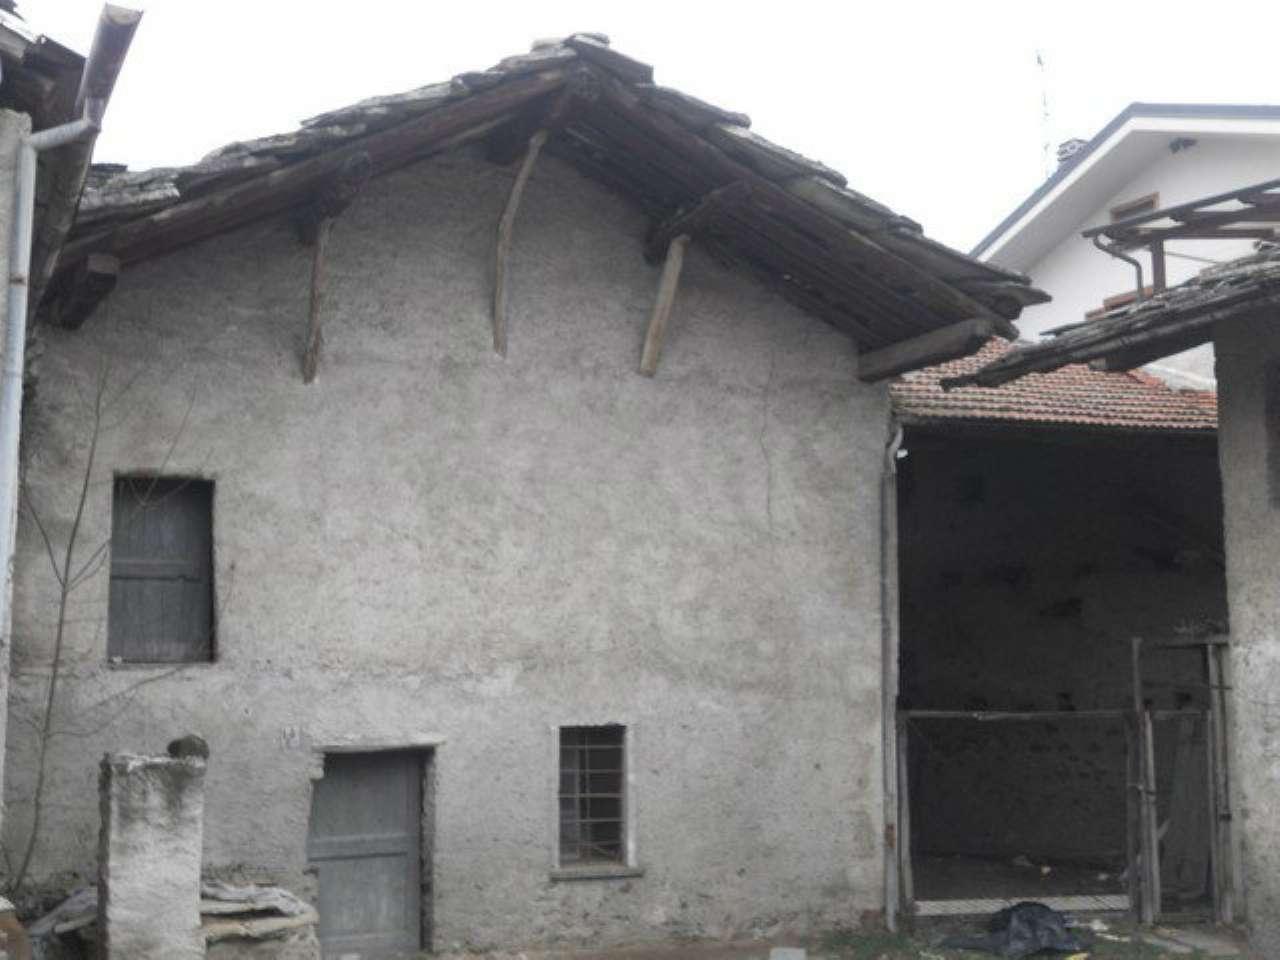 San Giorio di Susa Vendita CASALE / RUSTICO / CASA / CASCINA Immagine 3